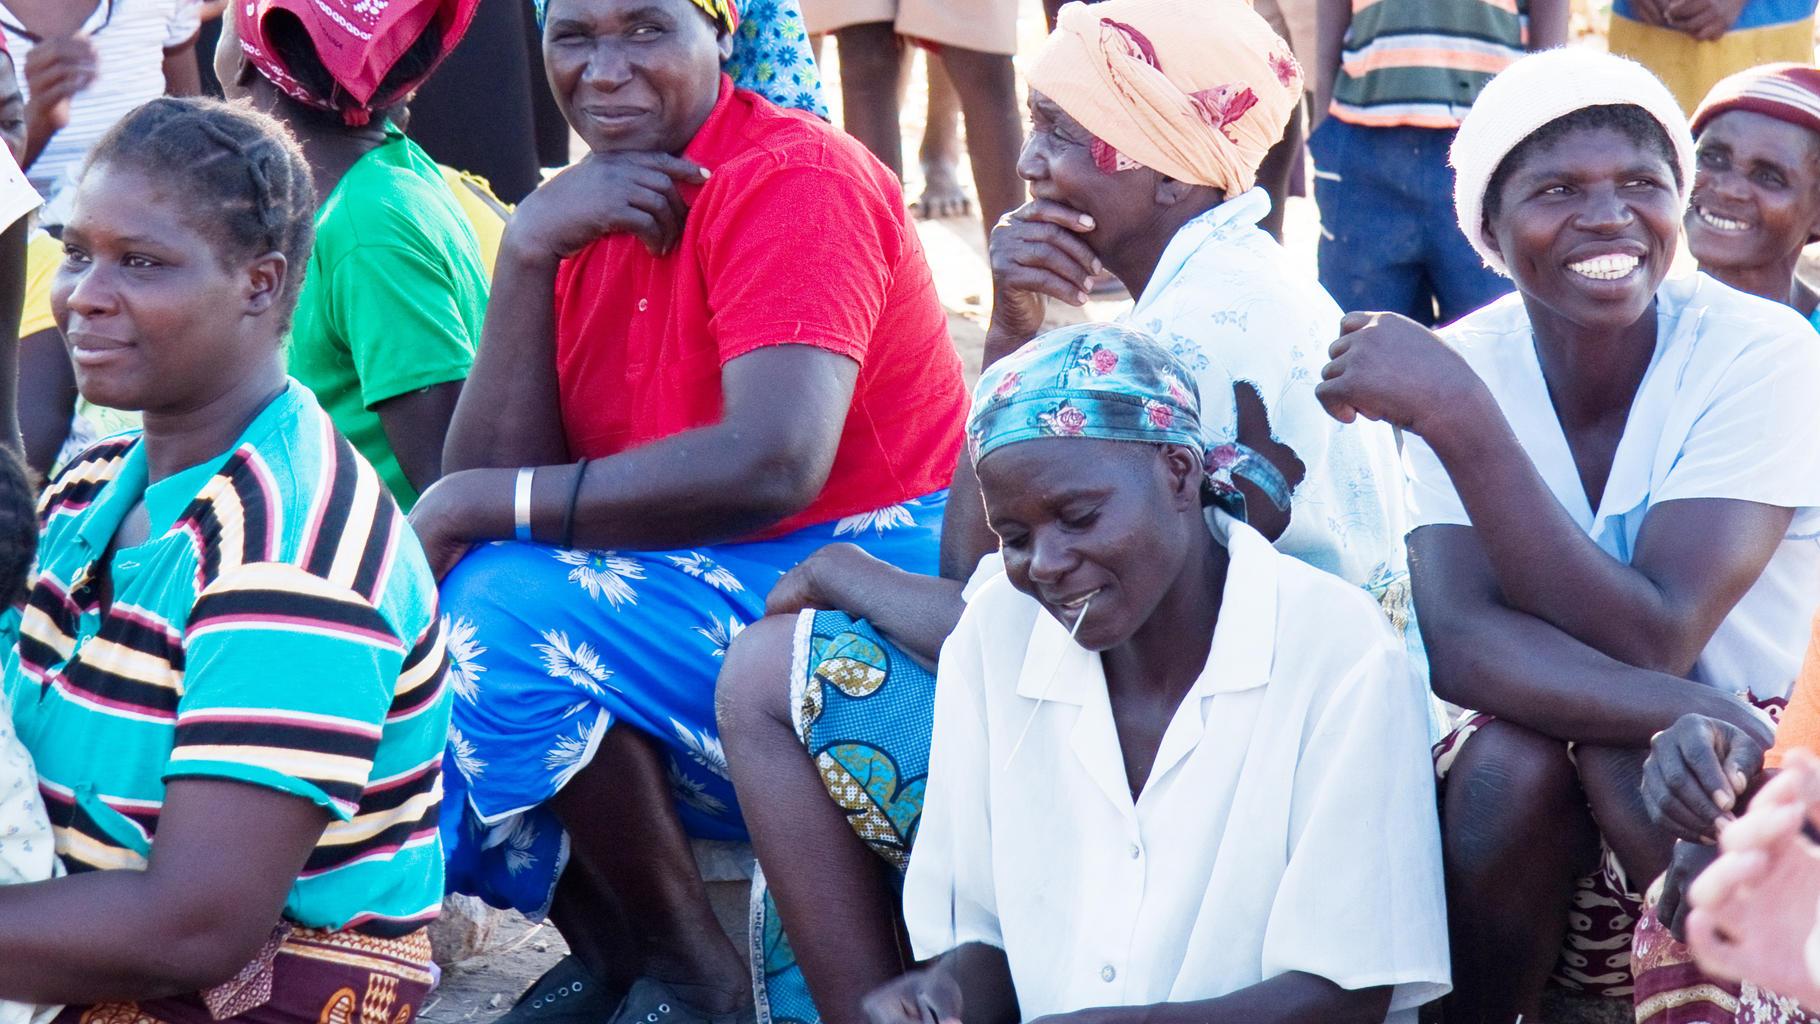 Frauen sitzen am Boden und schauen ein Theaterstück